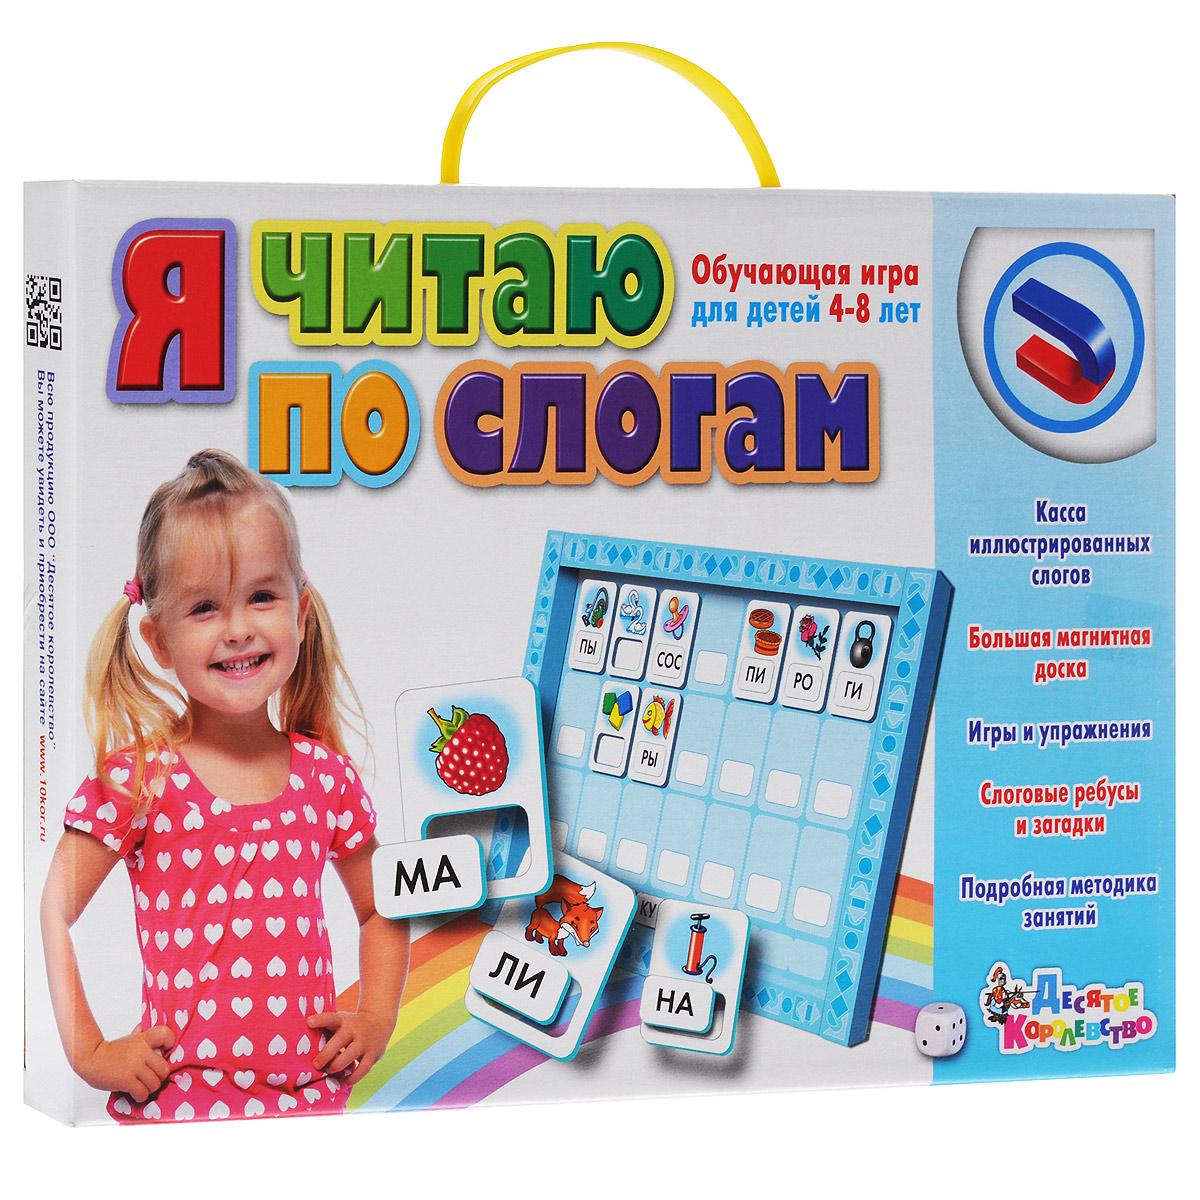 Обучающая игра Десятое королевство Я читаю по слогам01541Обучающая игра Десятое королевство Я читаю по слогам в игровой форме поможет вашему ребенку научиться читать. В алфавите рядом с каждой буквой стоит красочная знакомая ребенку картинка-подсказка, что существенно облегчает малышам задачу, и они легко усваивают новый материал. Однако когда алфавит уже пройден, и наступает время учиться читать по слогам, красивые картинки вдруг исчезают, а буквы выстраиваются в скучные черно-белые ряды закорючек, интереснее которых даже рисунок на обоях. С этой обучающей игрой все будет совсем по-другому. Все слоги в ней снабжены картинками, которые помогут не только удержать внимание ребенка, но и на первом этапе обучения будут выполнять роль подсказок и помогут быстро научиться произносить слитно буквы каждого слога. Так, увидев на рисунке барабан, ребенок без труда прочитает слог БА, а увидев радугу - слог РА. Помимо занятий, в состав этого набора входят увлекательные игры, а также слоговые ребусы и загадки, которые помогут закрепить и...